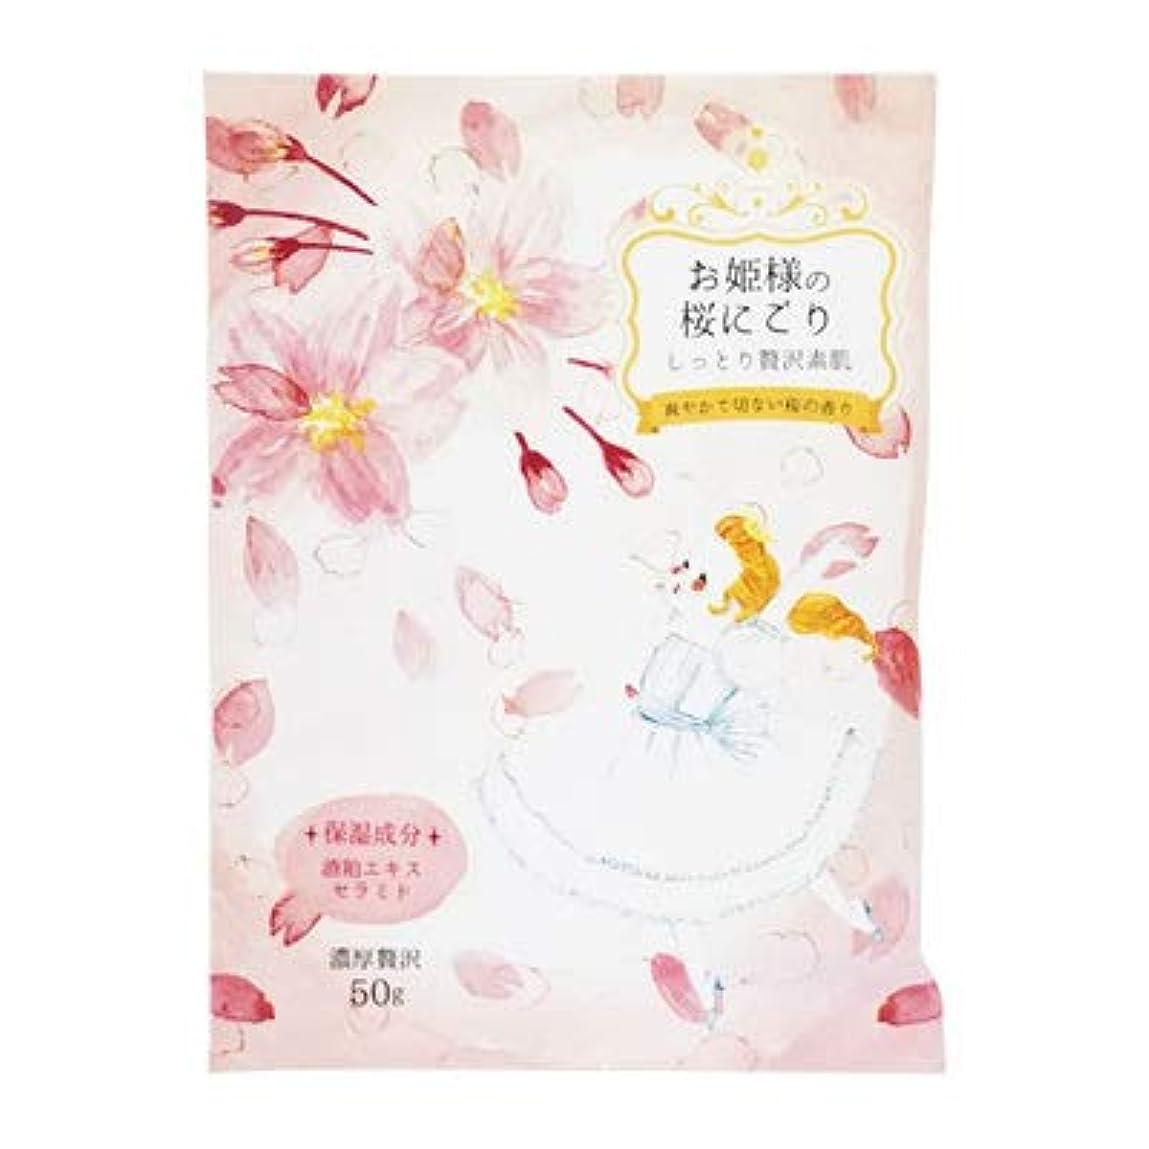 インフラ手段ロードブロッキング【まとめ買い6個セット】 お姫様風呂 桜にごり